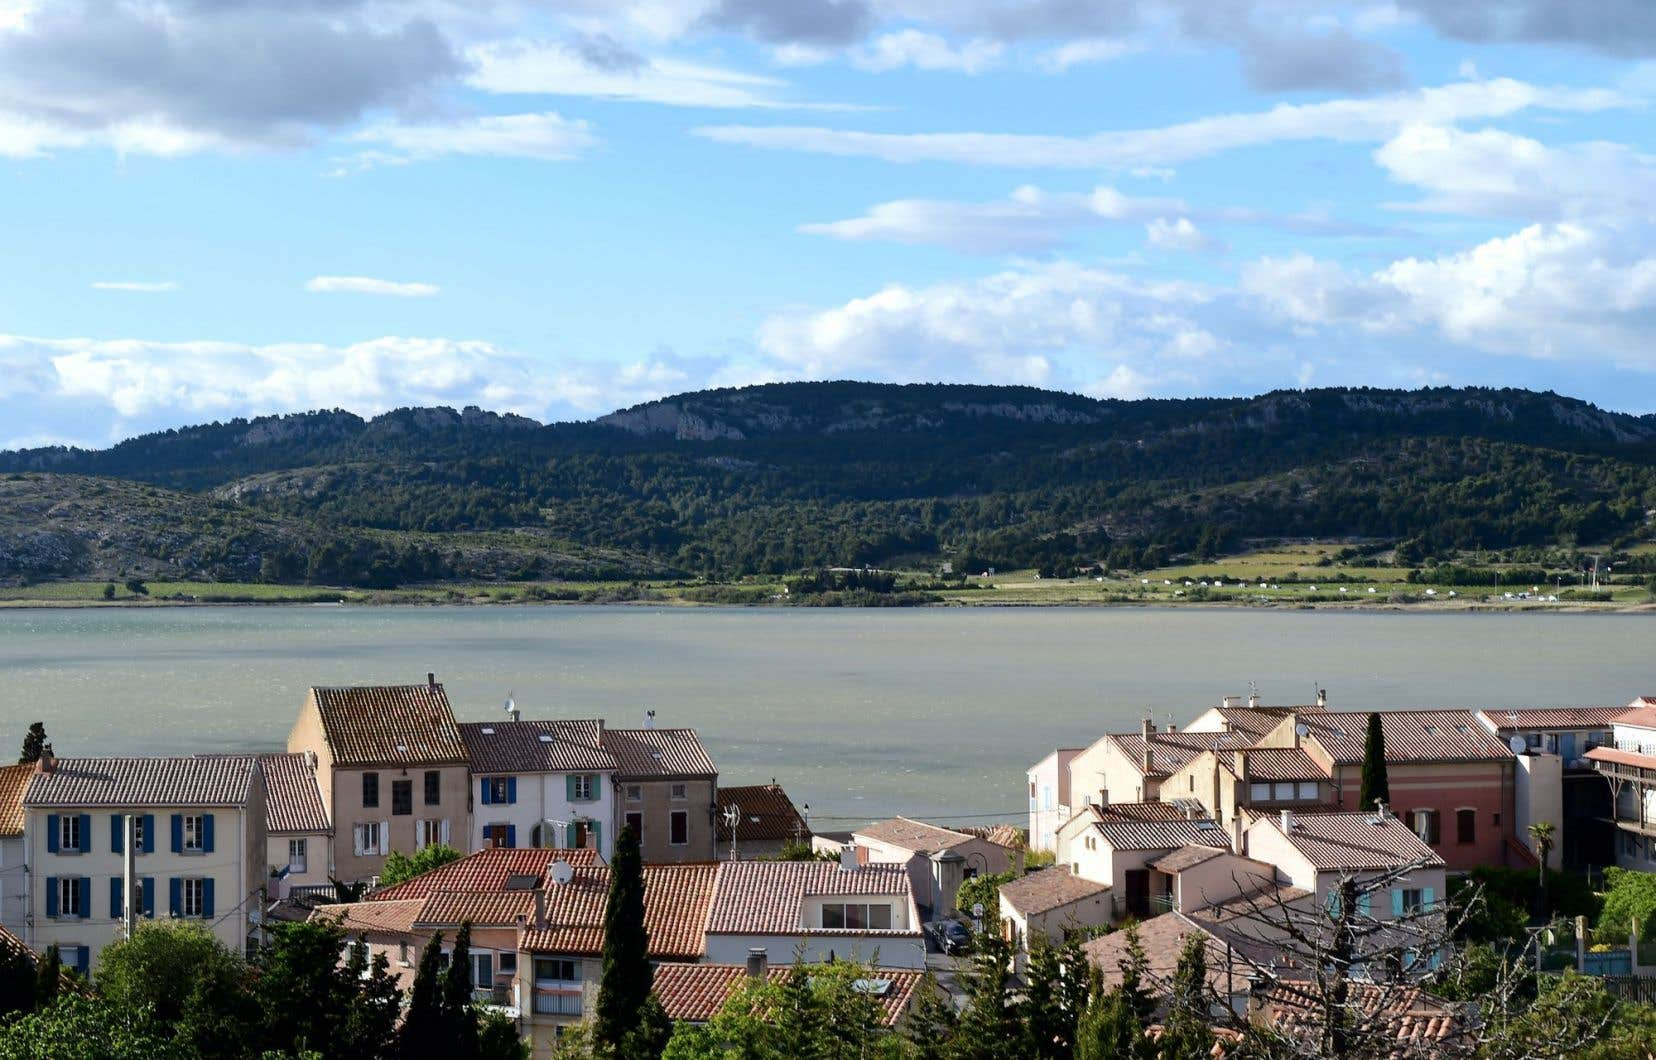 Gruissan (notre photo), juste à côté de Narbonne. C'est une partie du sud de la France moins achalandée que la Côte d'Azur.